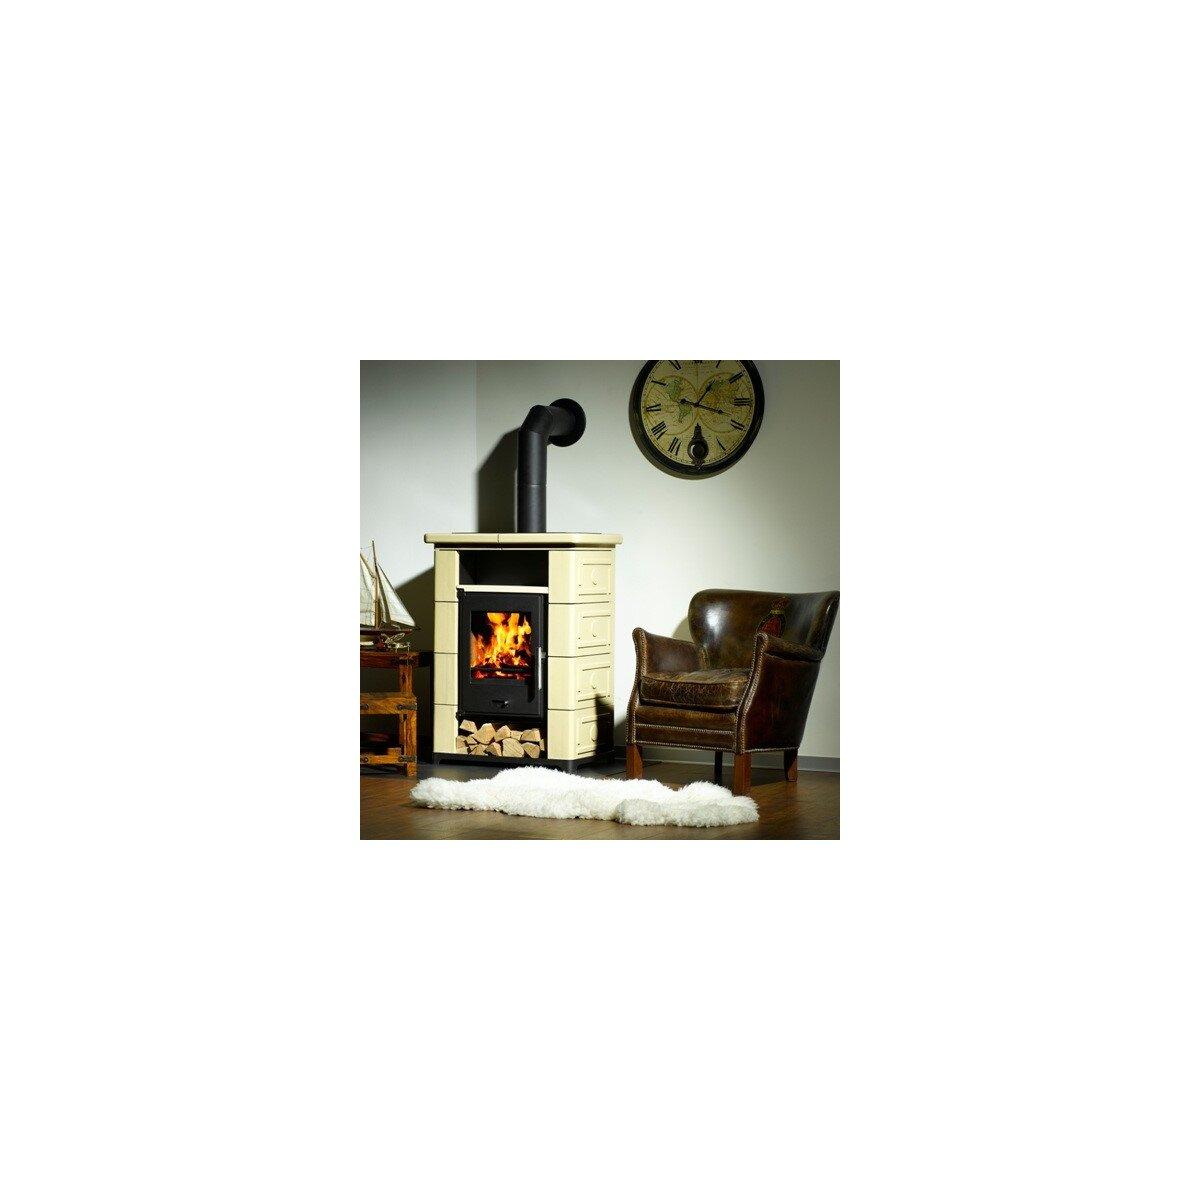 kaminofen wamsler montafon schwarz mit keramik beige 7kw 749 00 von wamsler mit beratung. Black Bedroom Furniture Sets. Home Design Ideas